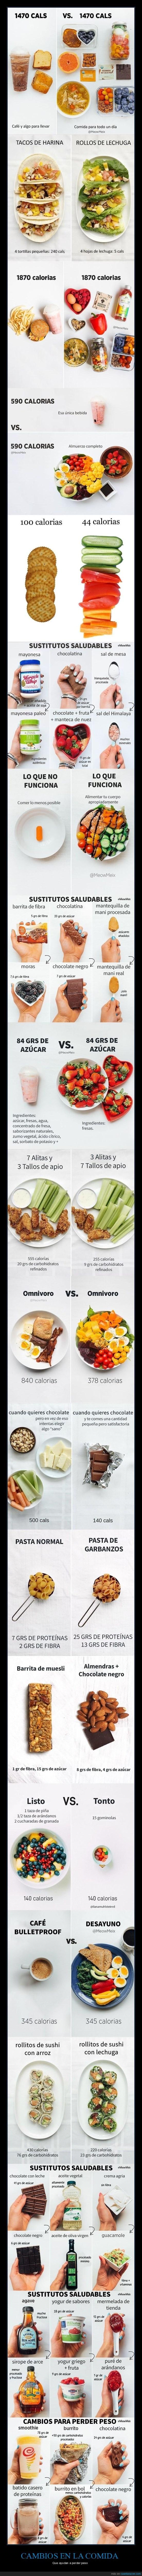 alimentacion que te ayudaran a bajar de peso